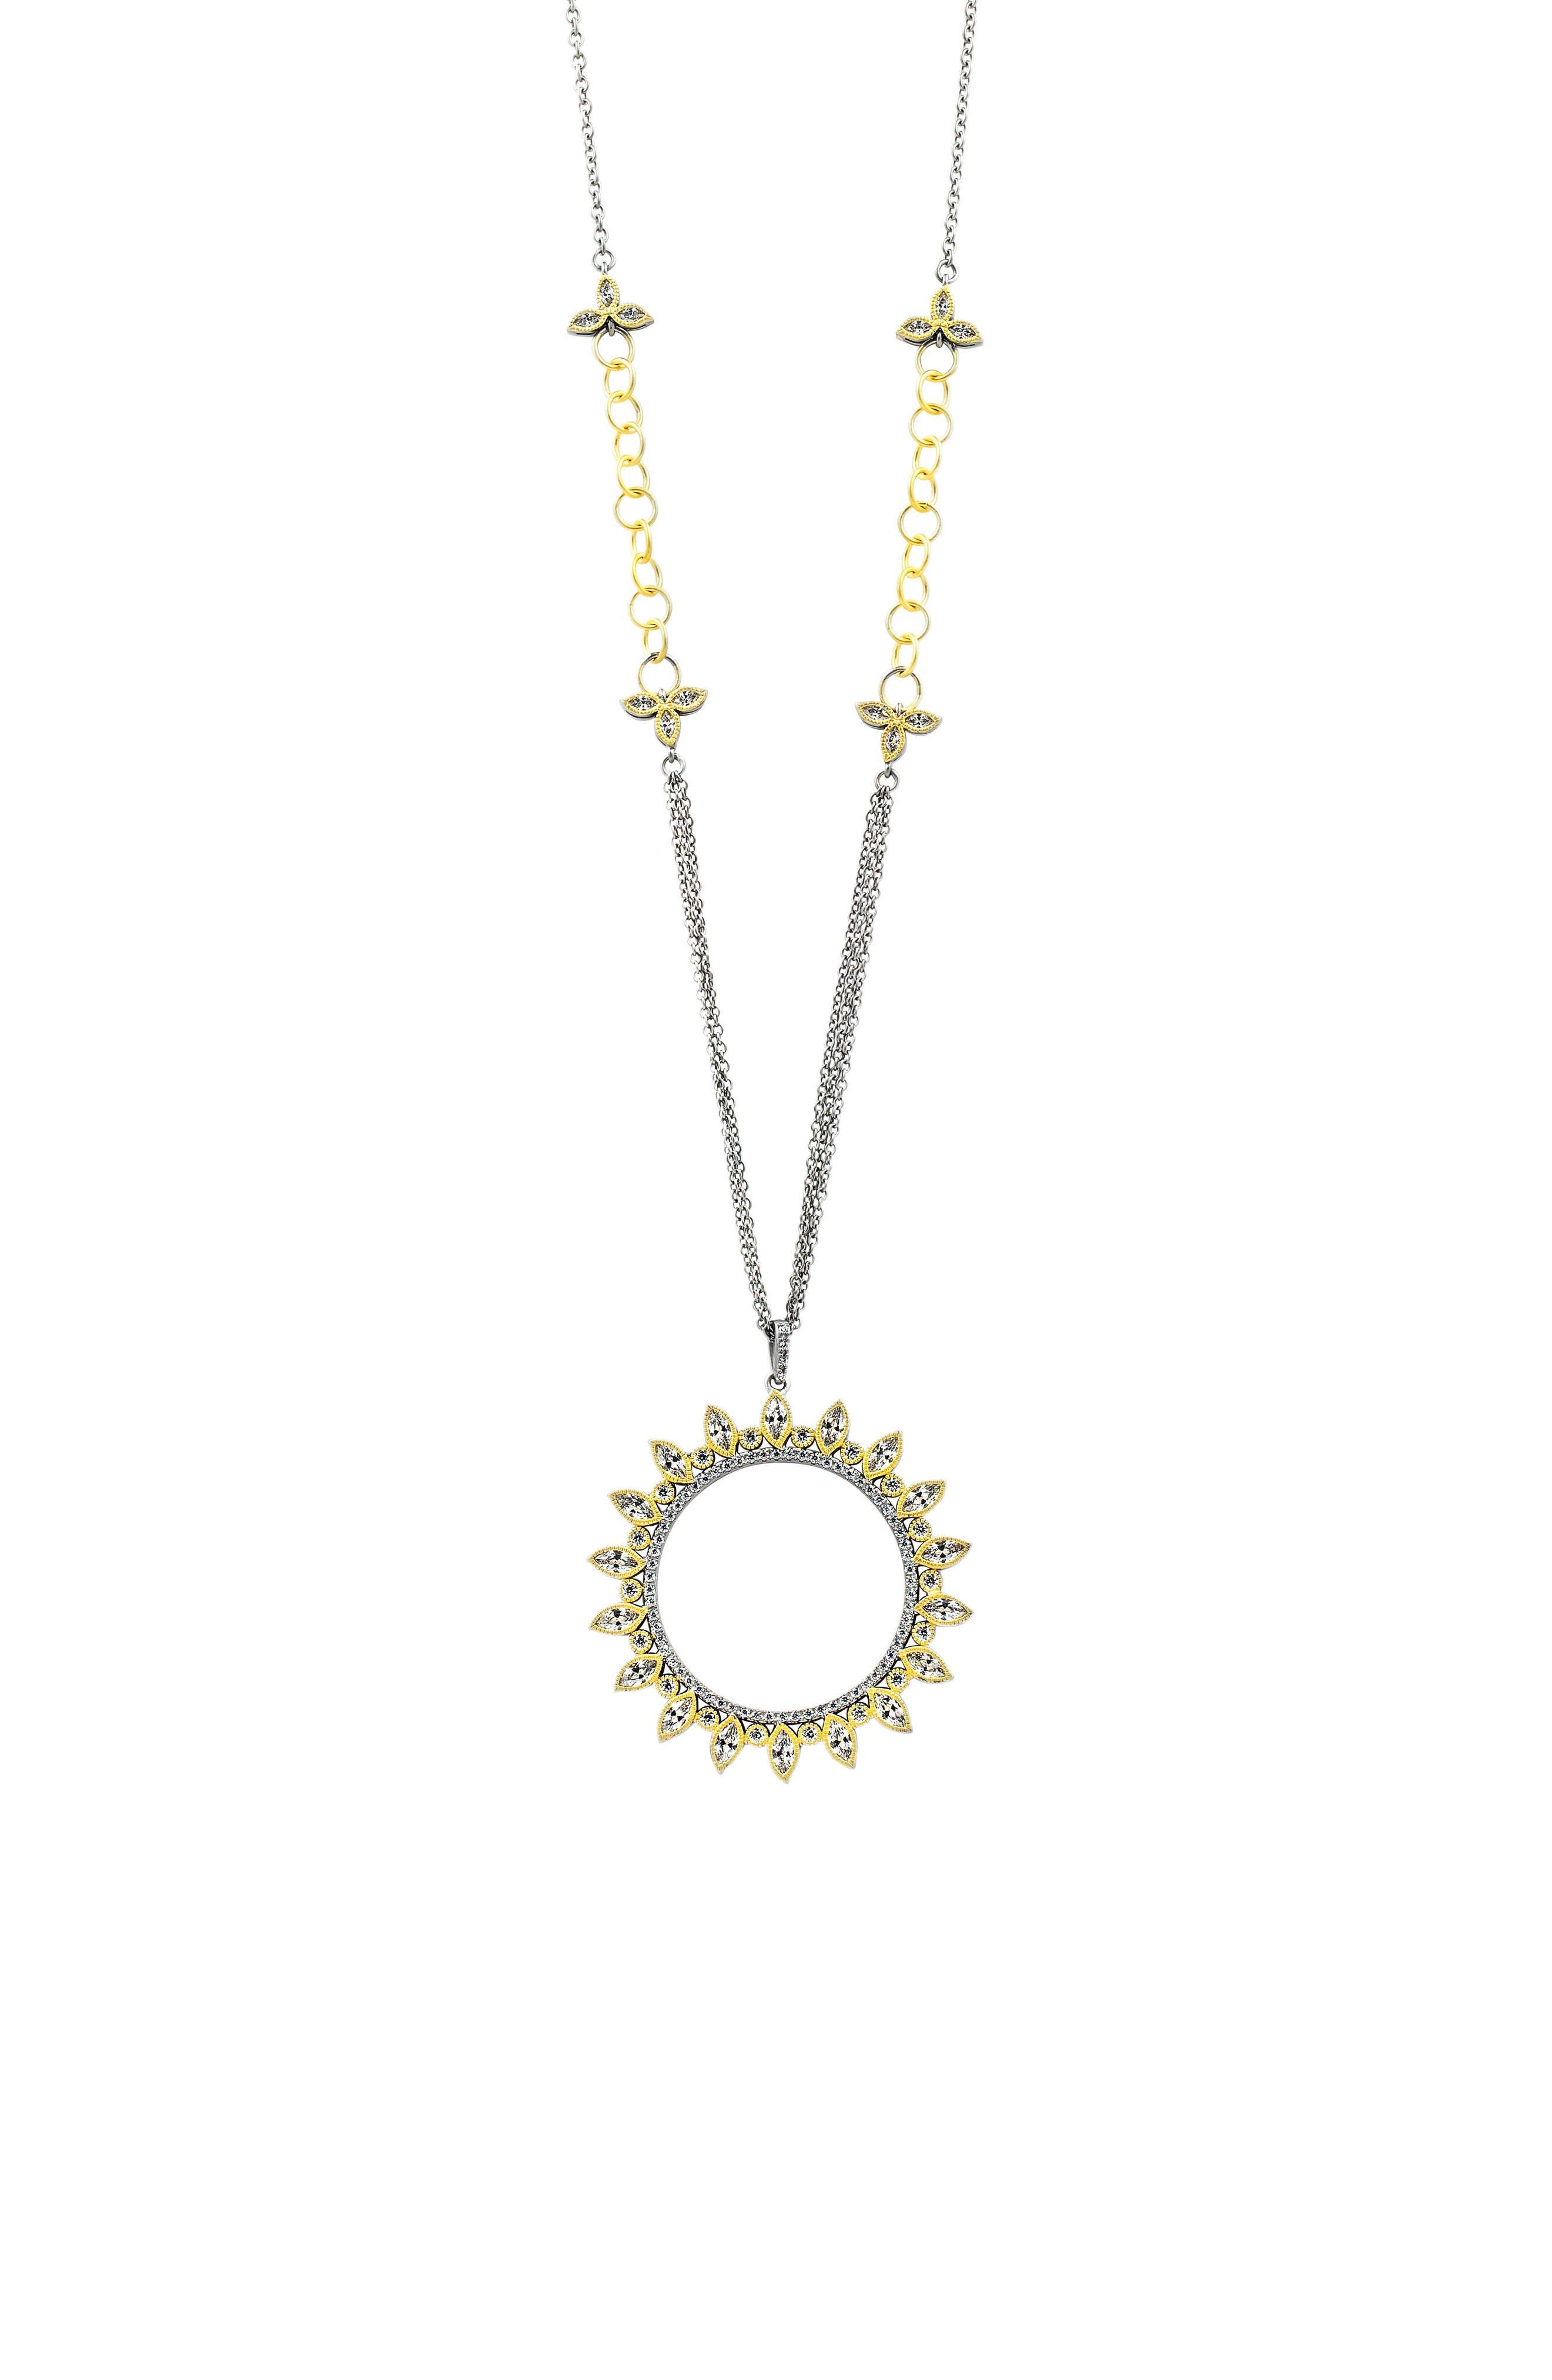 Fleur Bloom Openwork Pendant Necklace,                             Main thumbnail 1, color,                             710